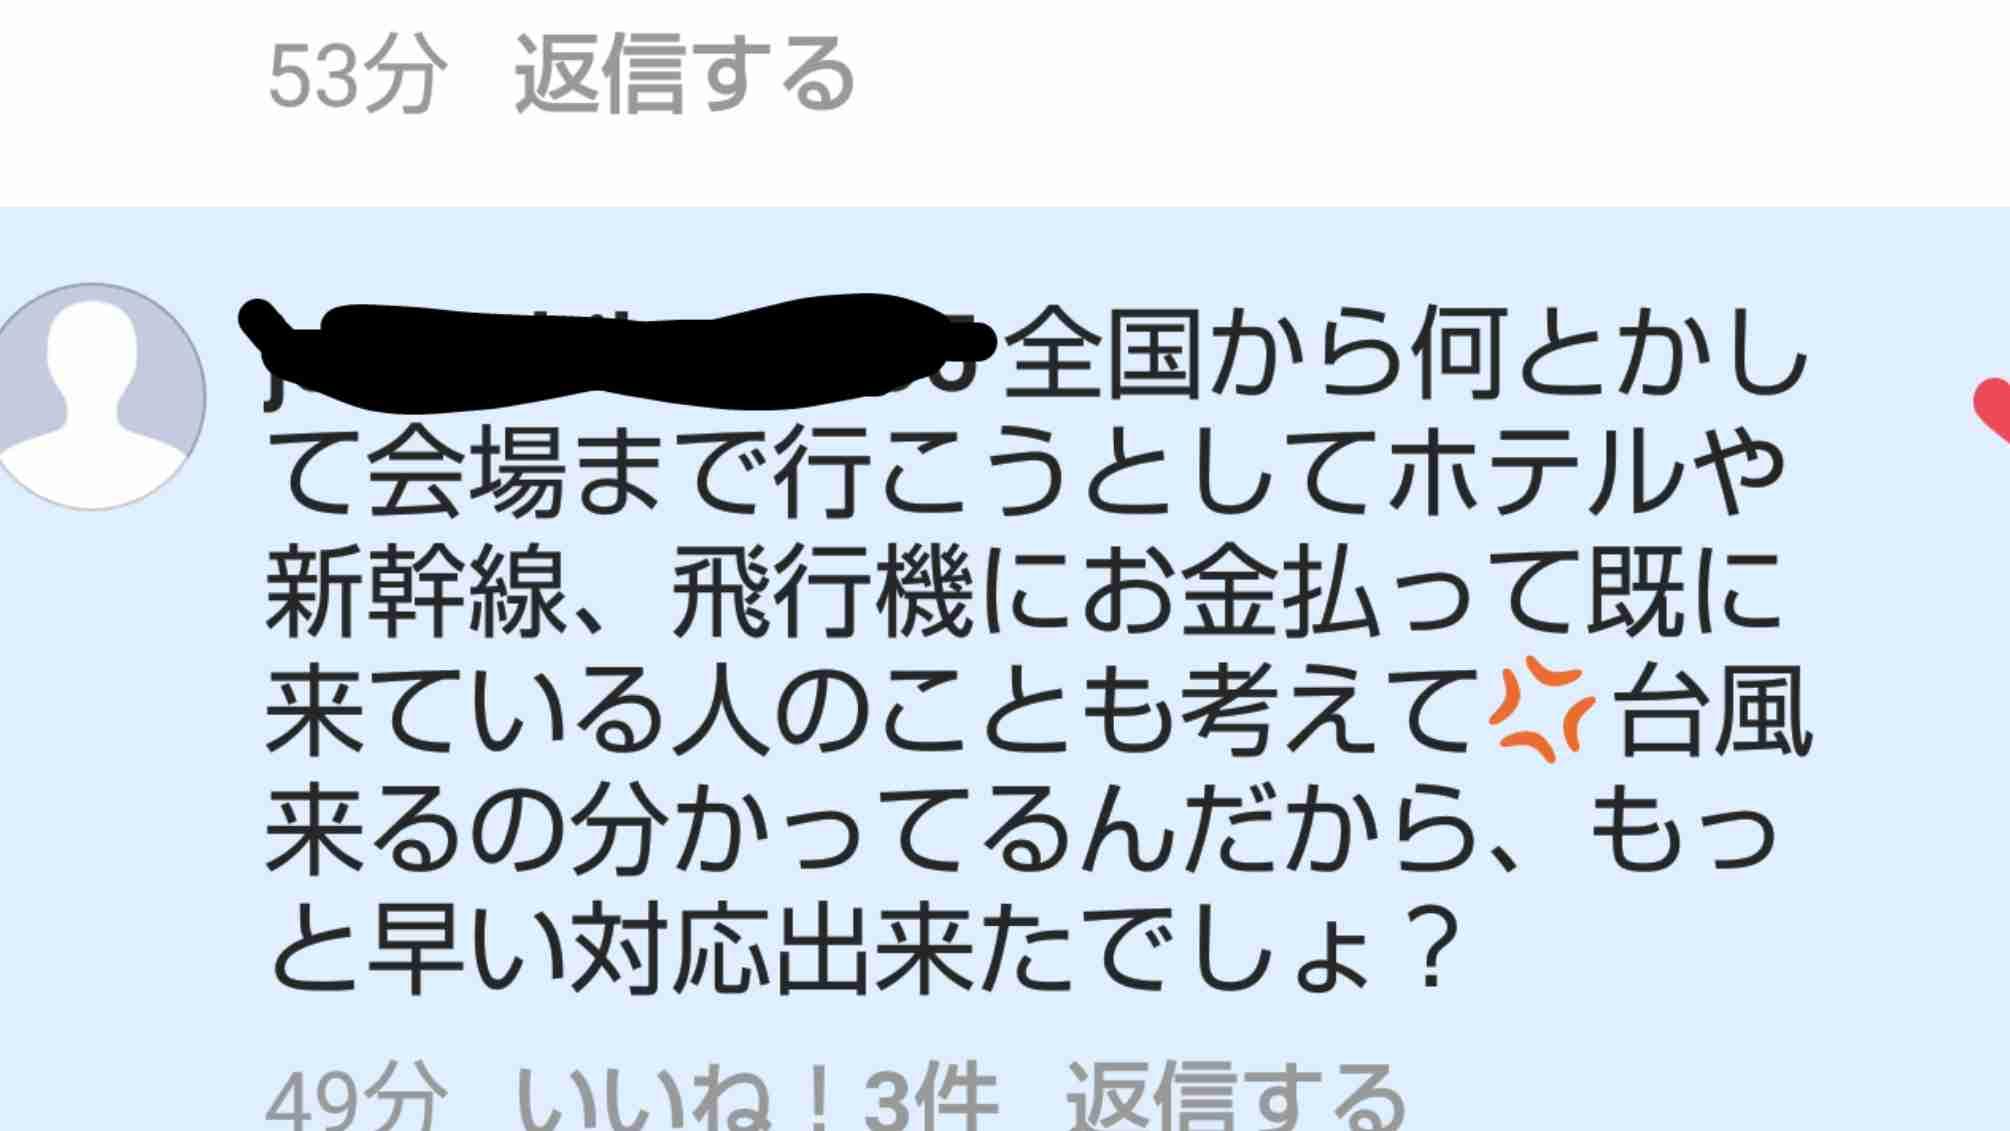 """神戸公演中止の浜崎あゆみ""""神対応""""グッズ売り場に姿現しファンサービス"""